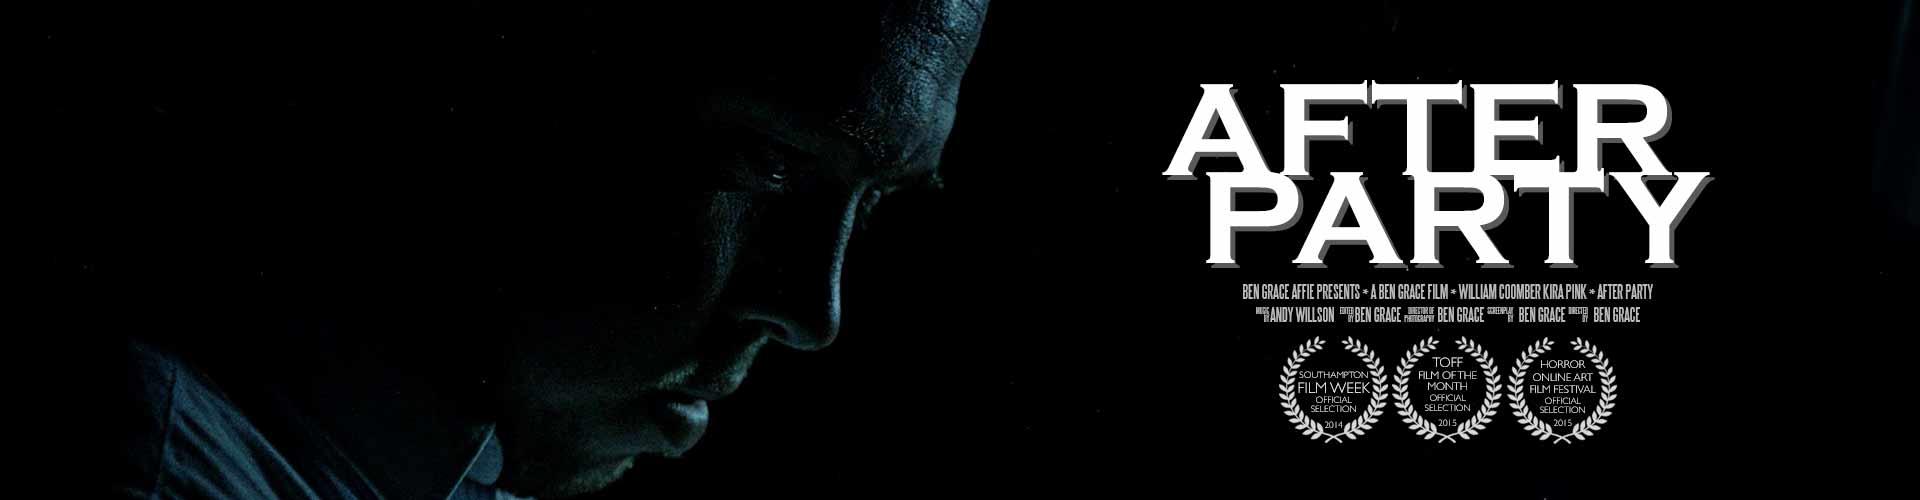 After Party | Ben Grace Films | BenGrace.co.uk